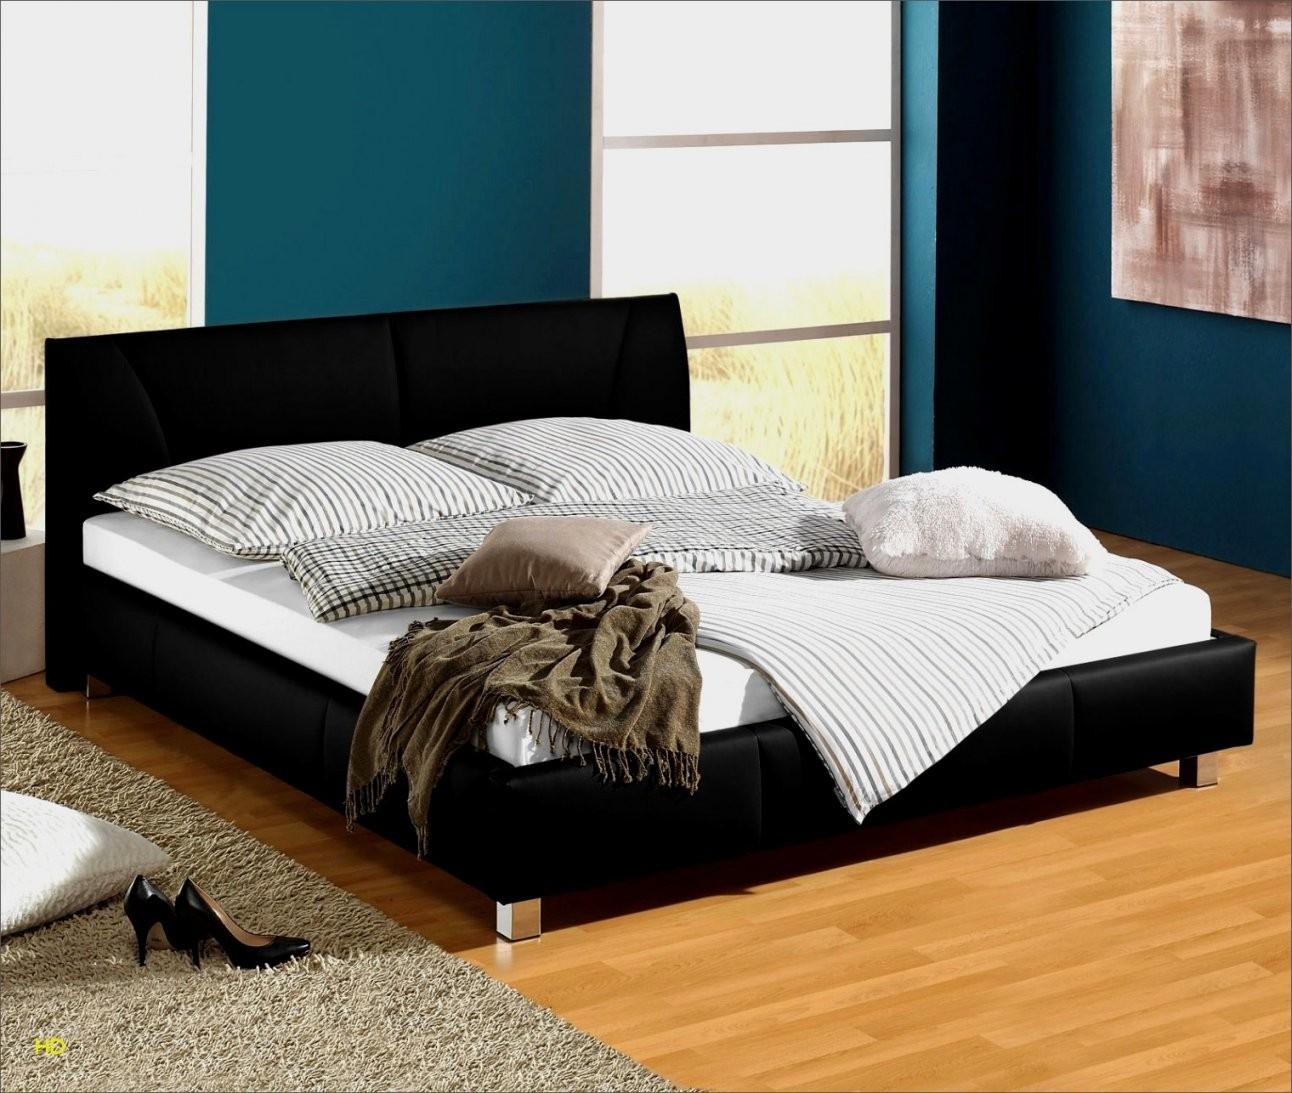 Häusliche Verbesserung 140X200 Bett Mit Matratze Und Lattenrost von Polsterbett 140X200 Mit Lattenrost Bild